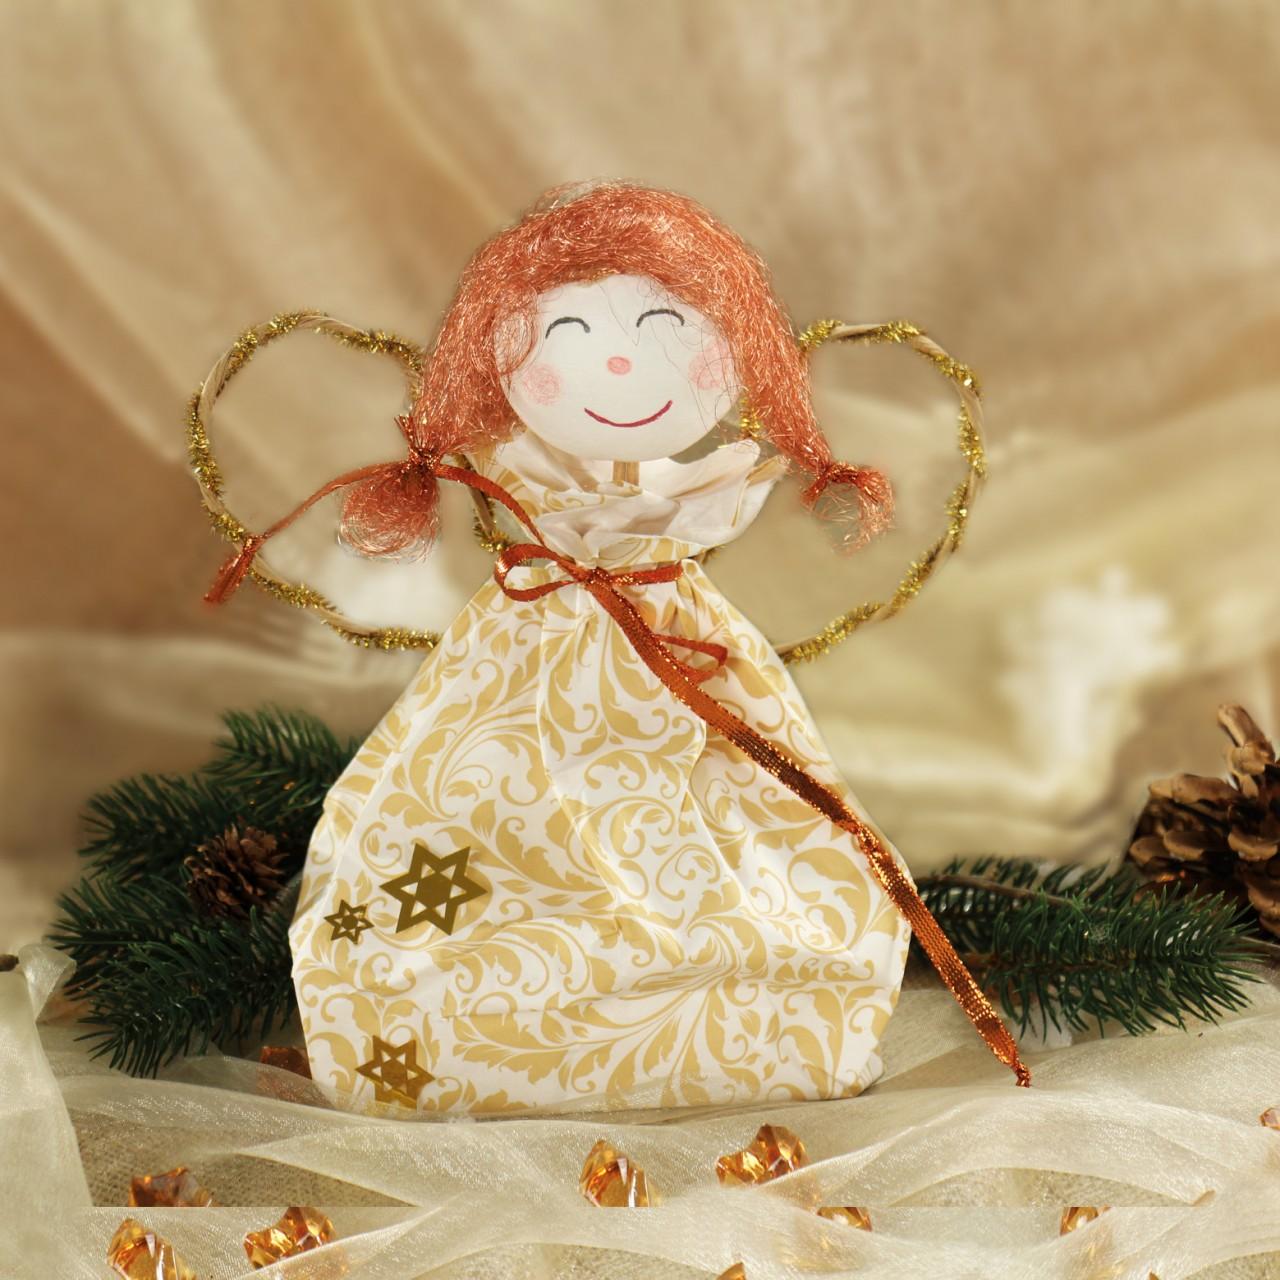 Engel basteln anleitung geschenkidee zu weihnachten - Engel basteln aus naturmaterialien ...